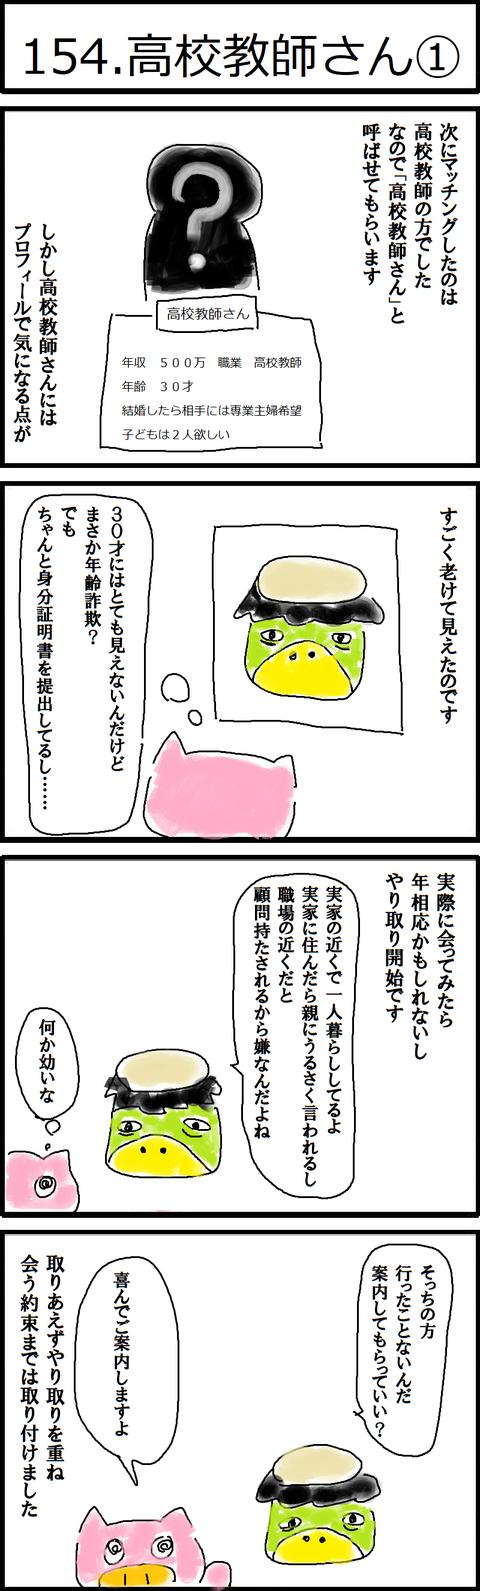 154.高校教師さん①